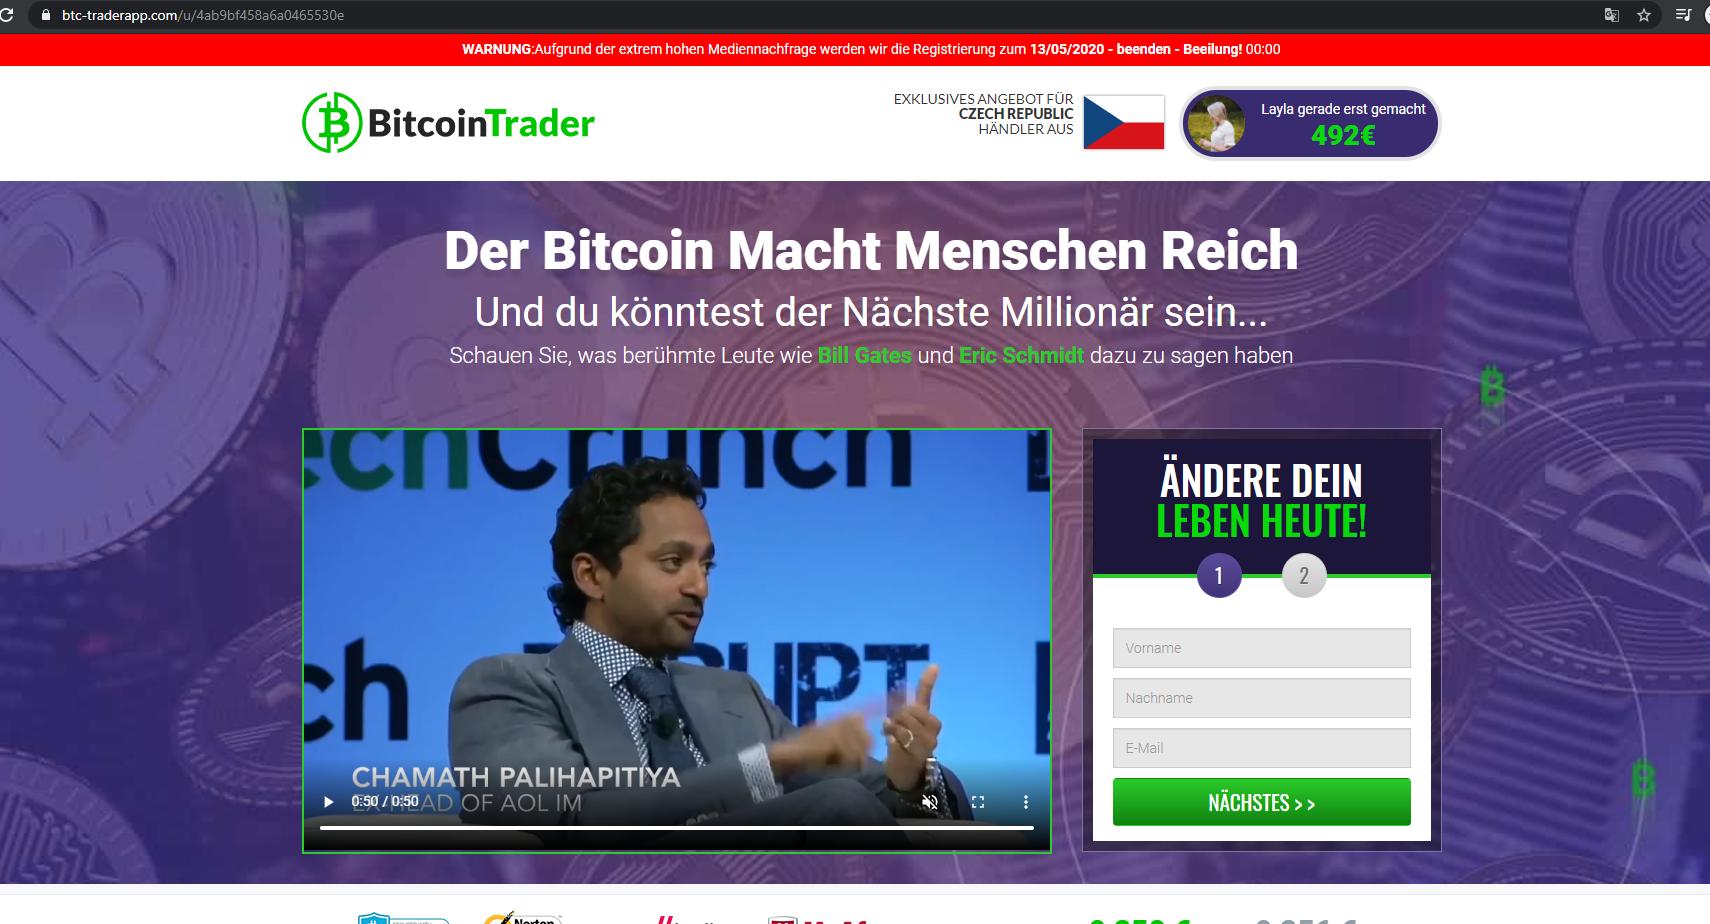 Ukázka po přesměrování na falešný web propagující registraci na zvláštní falešnou burzu BitcoinTrader, kde je sestříhané video jak mluví různé miliardáři, včetně např. J. Mcaffeeho atd...